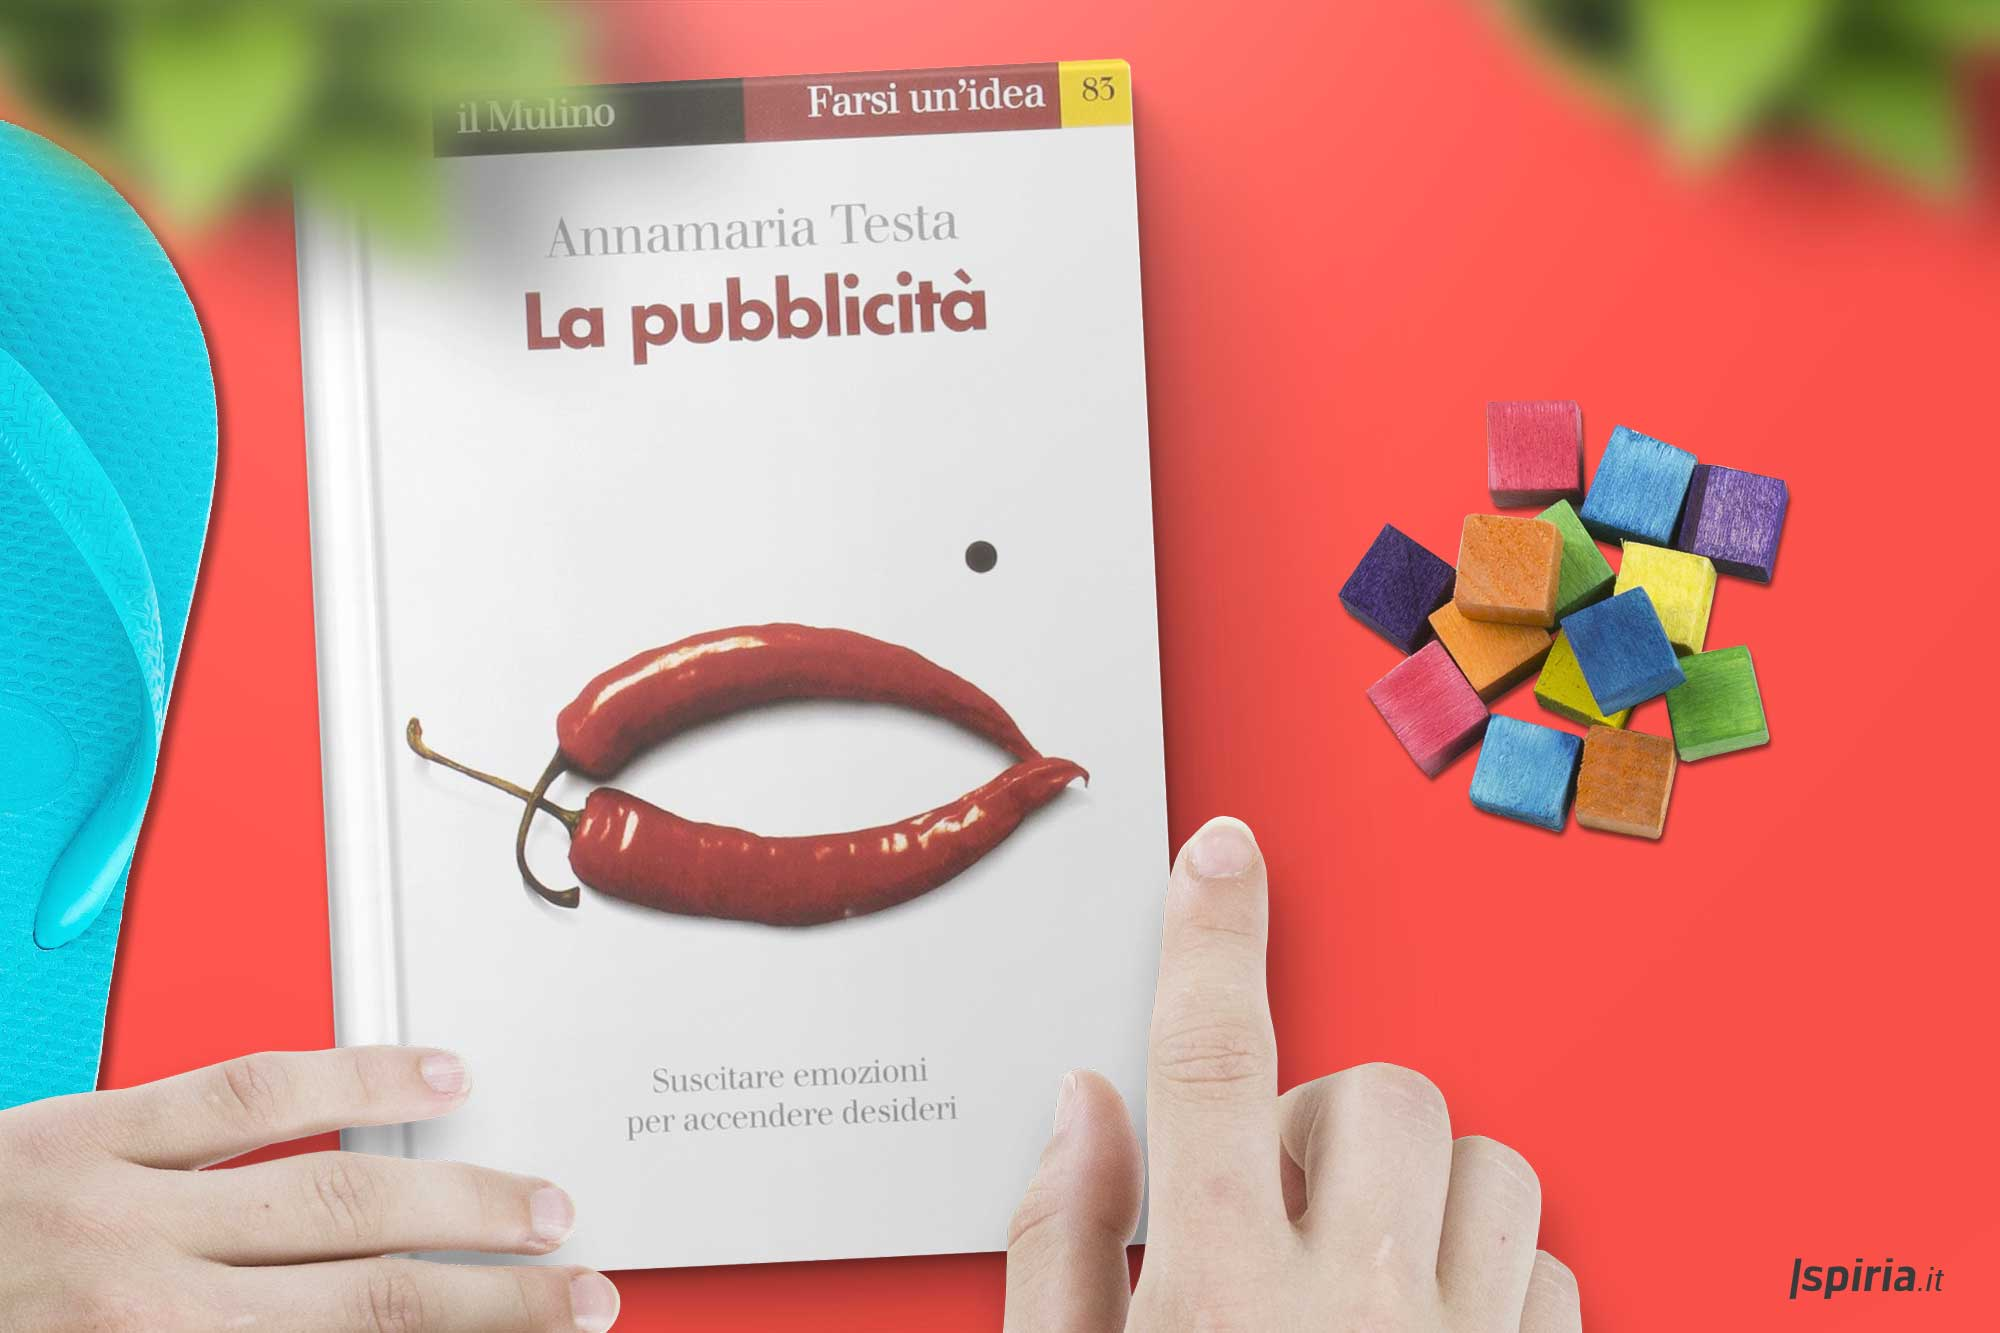 migliori-libri-sulla-pubblicità-annamaria-testa